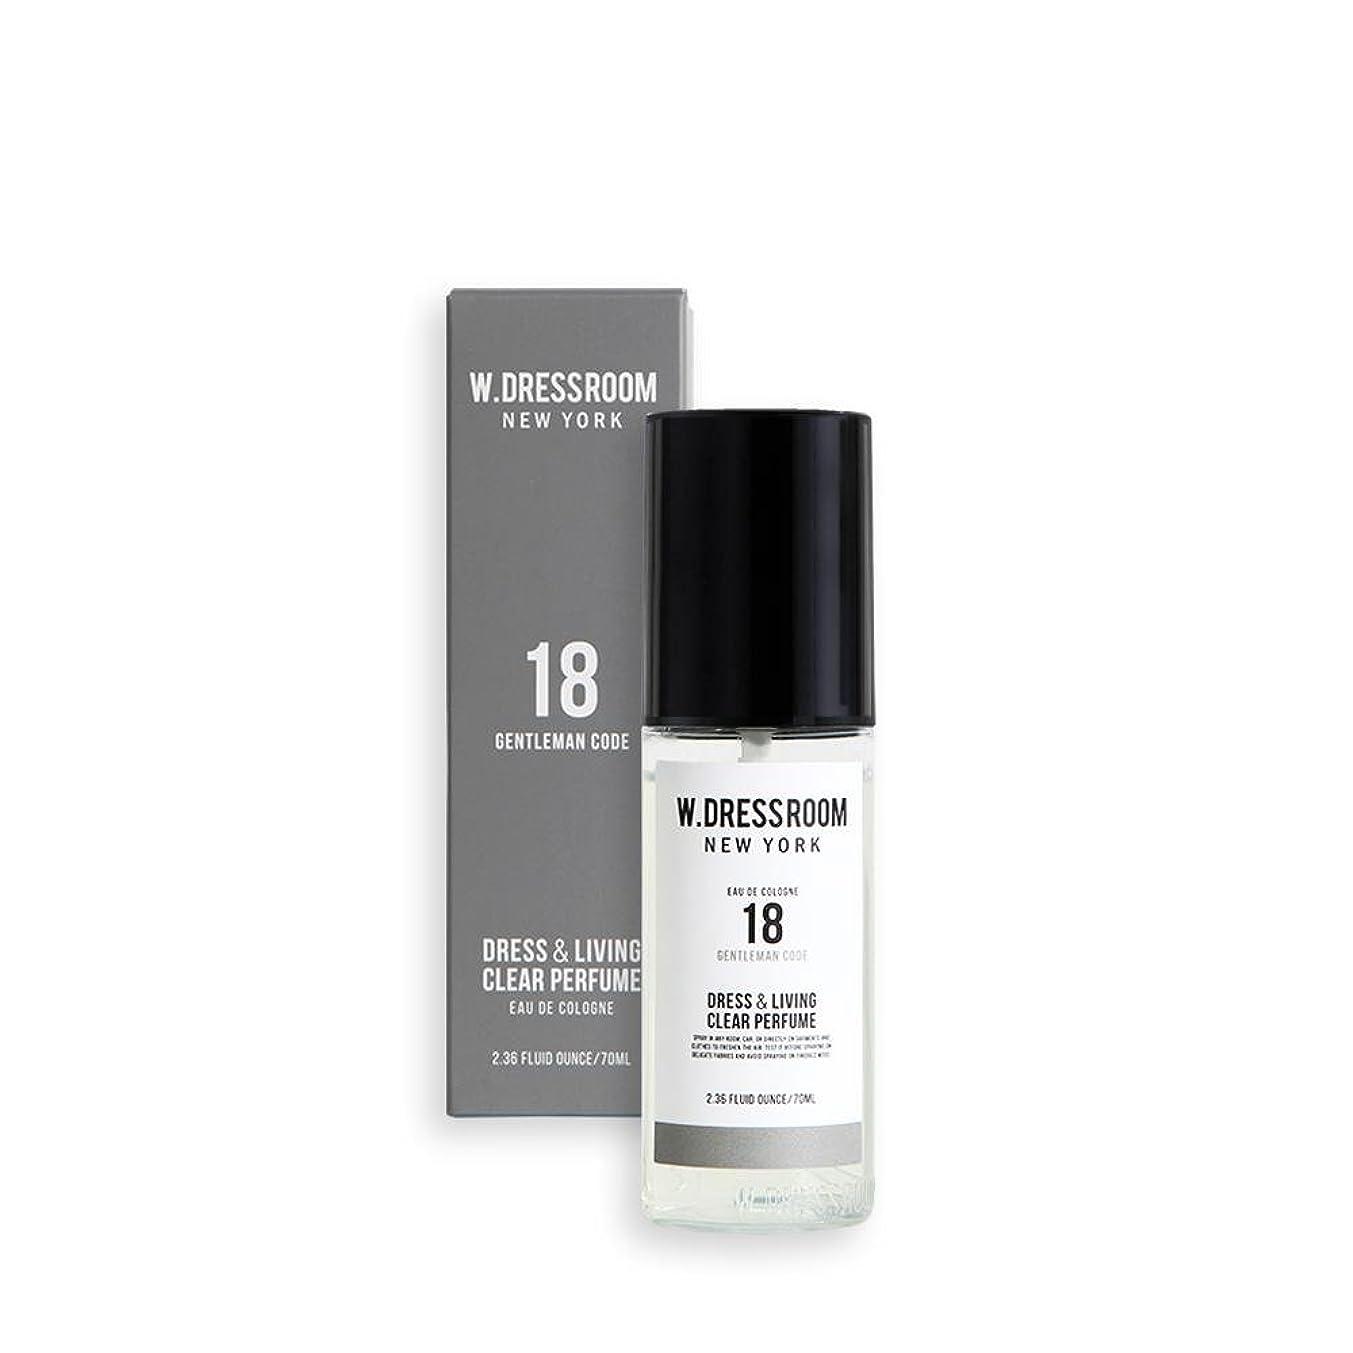 タンク朝腐敗W.DRESSROOM Dress & Living Clear Perfume fragrance 70ml (#No.18 Gentleman Code)/ダブルドレスルーム ドレス&リビング クリア パフューム 70ml (#No.18 Gentleman Code)